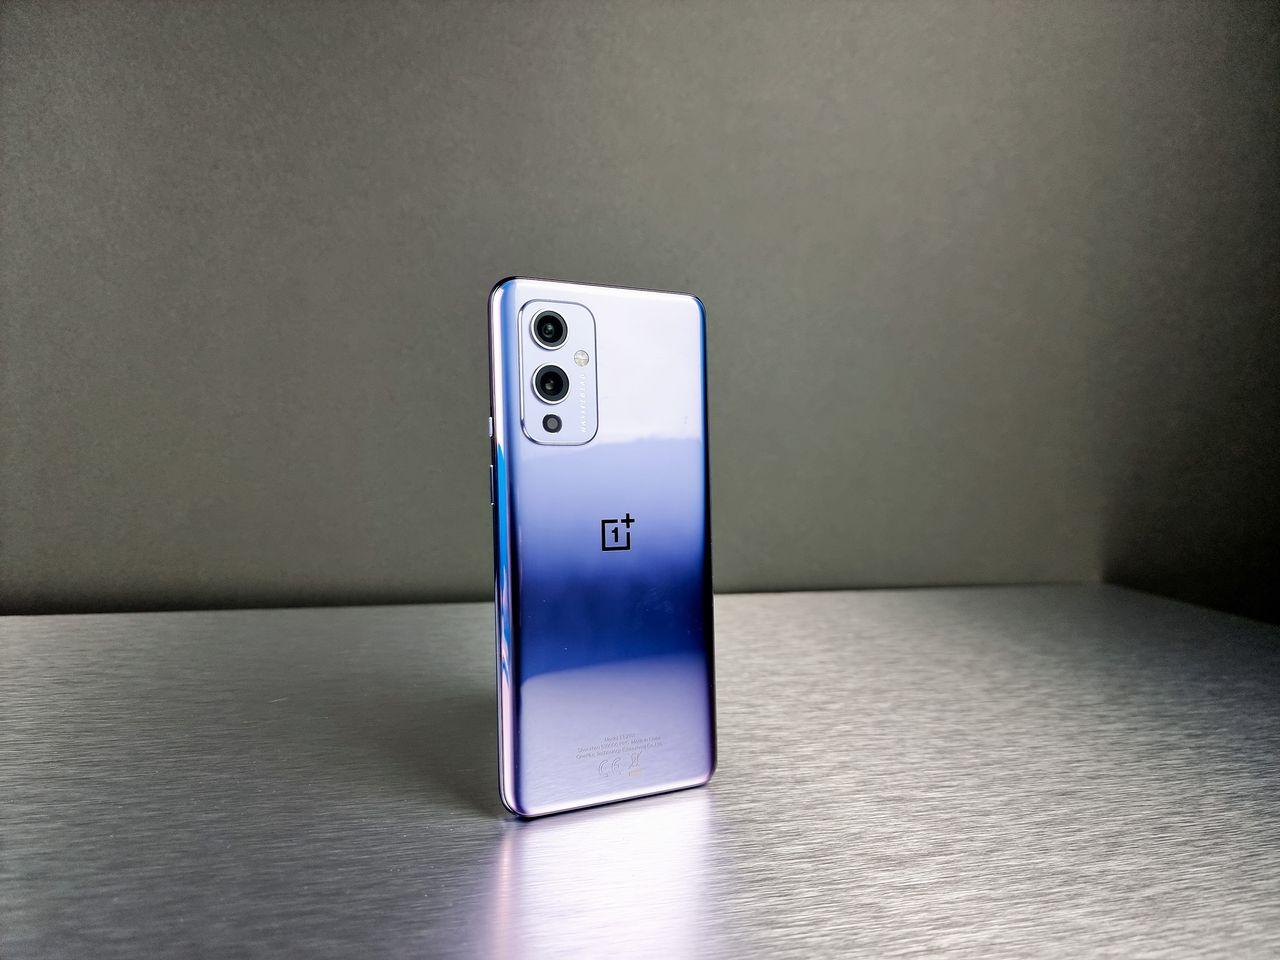 OnePlus-lurar får temabutik med nästa stora uppdatering